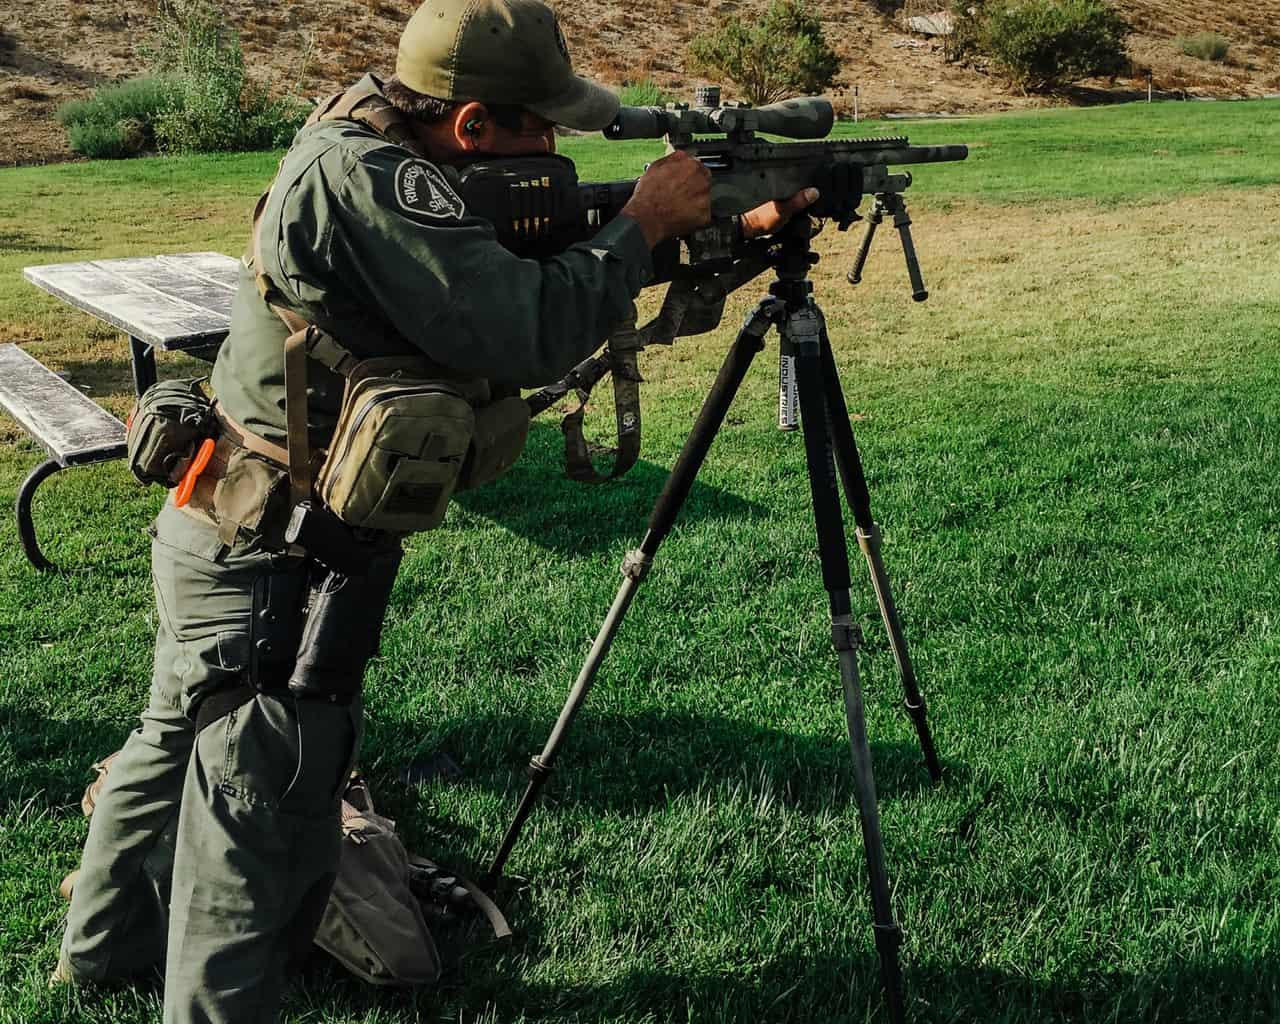 police-sniper-tripod-utilization-course-3